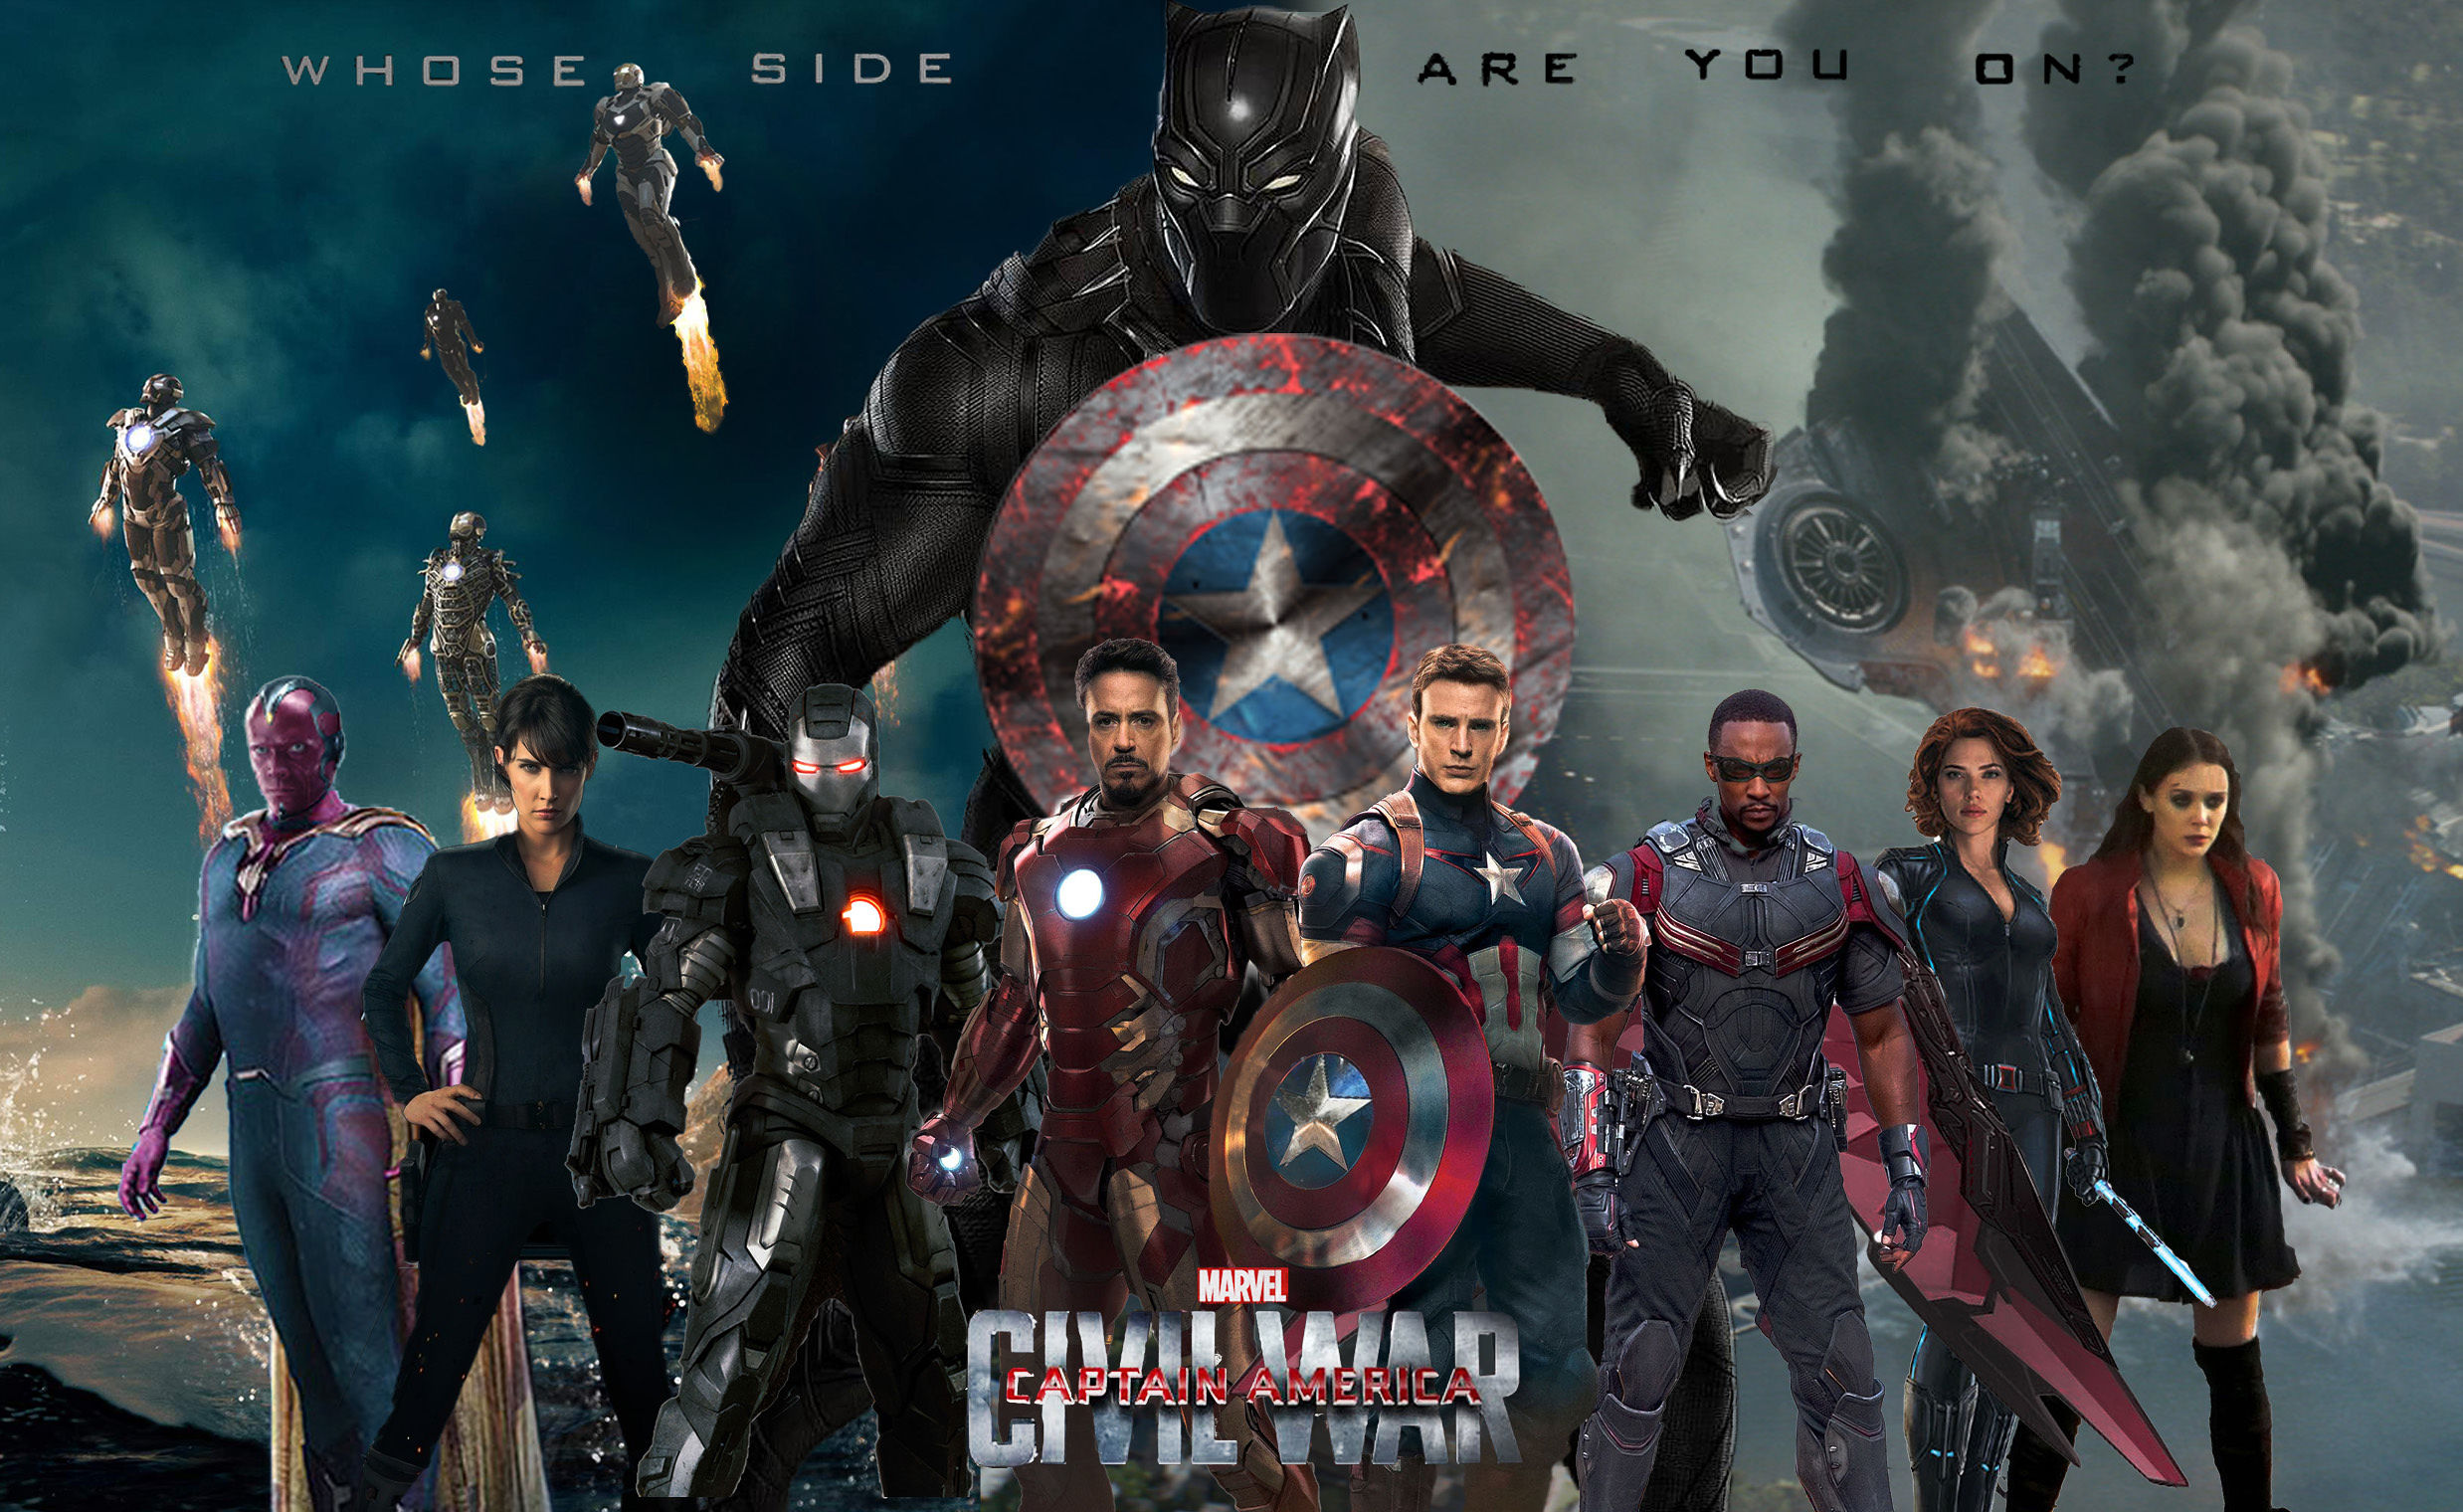 captain america civil war surprises cogill wine film